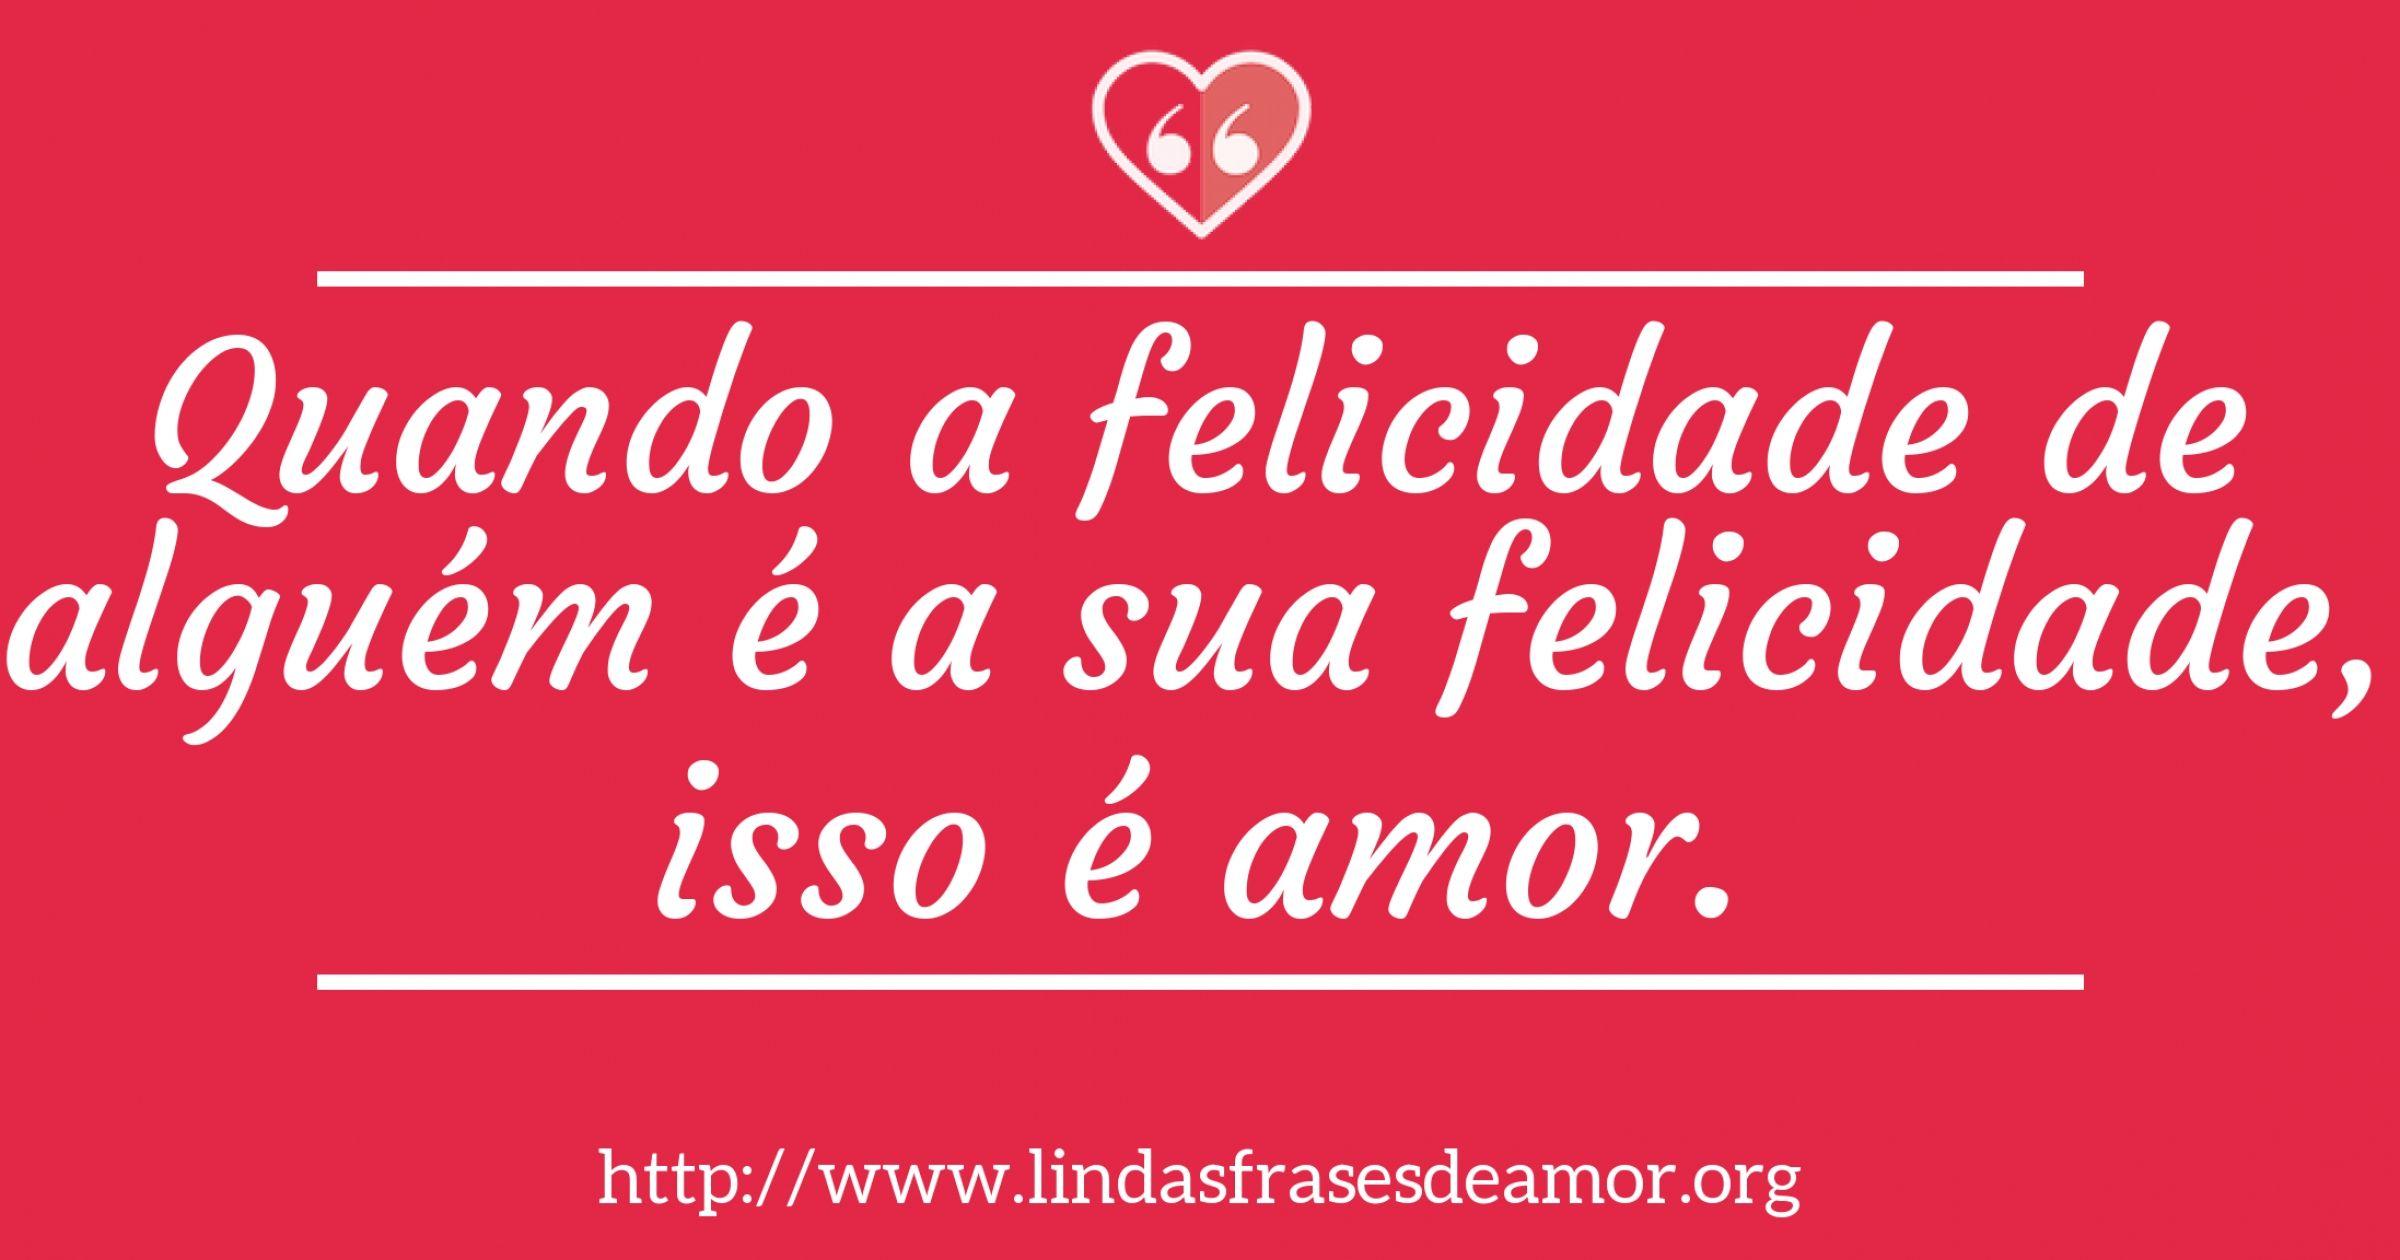 Frases De Amor Para Facebook: Frases Lindas De Amor Para Facebook, Twitter E Whatsapp